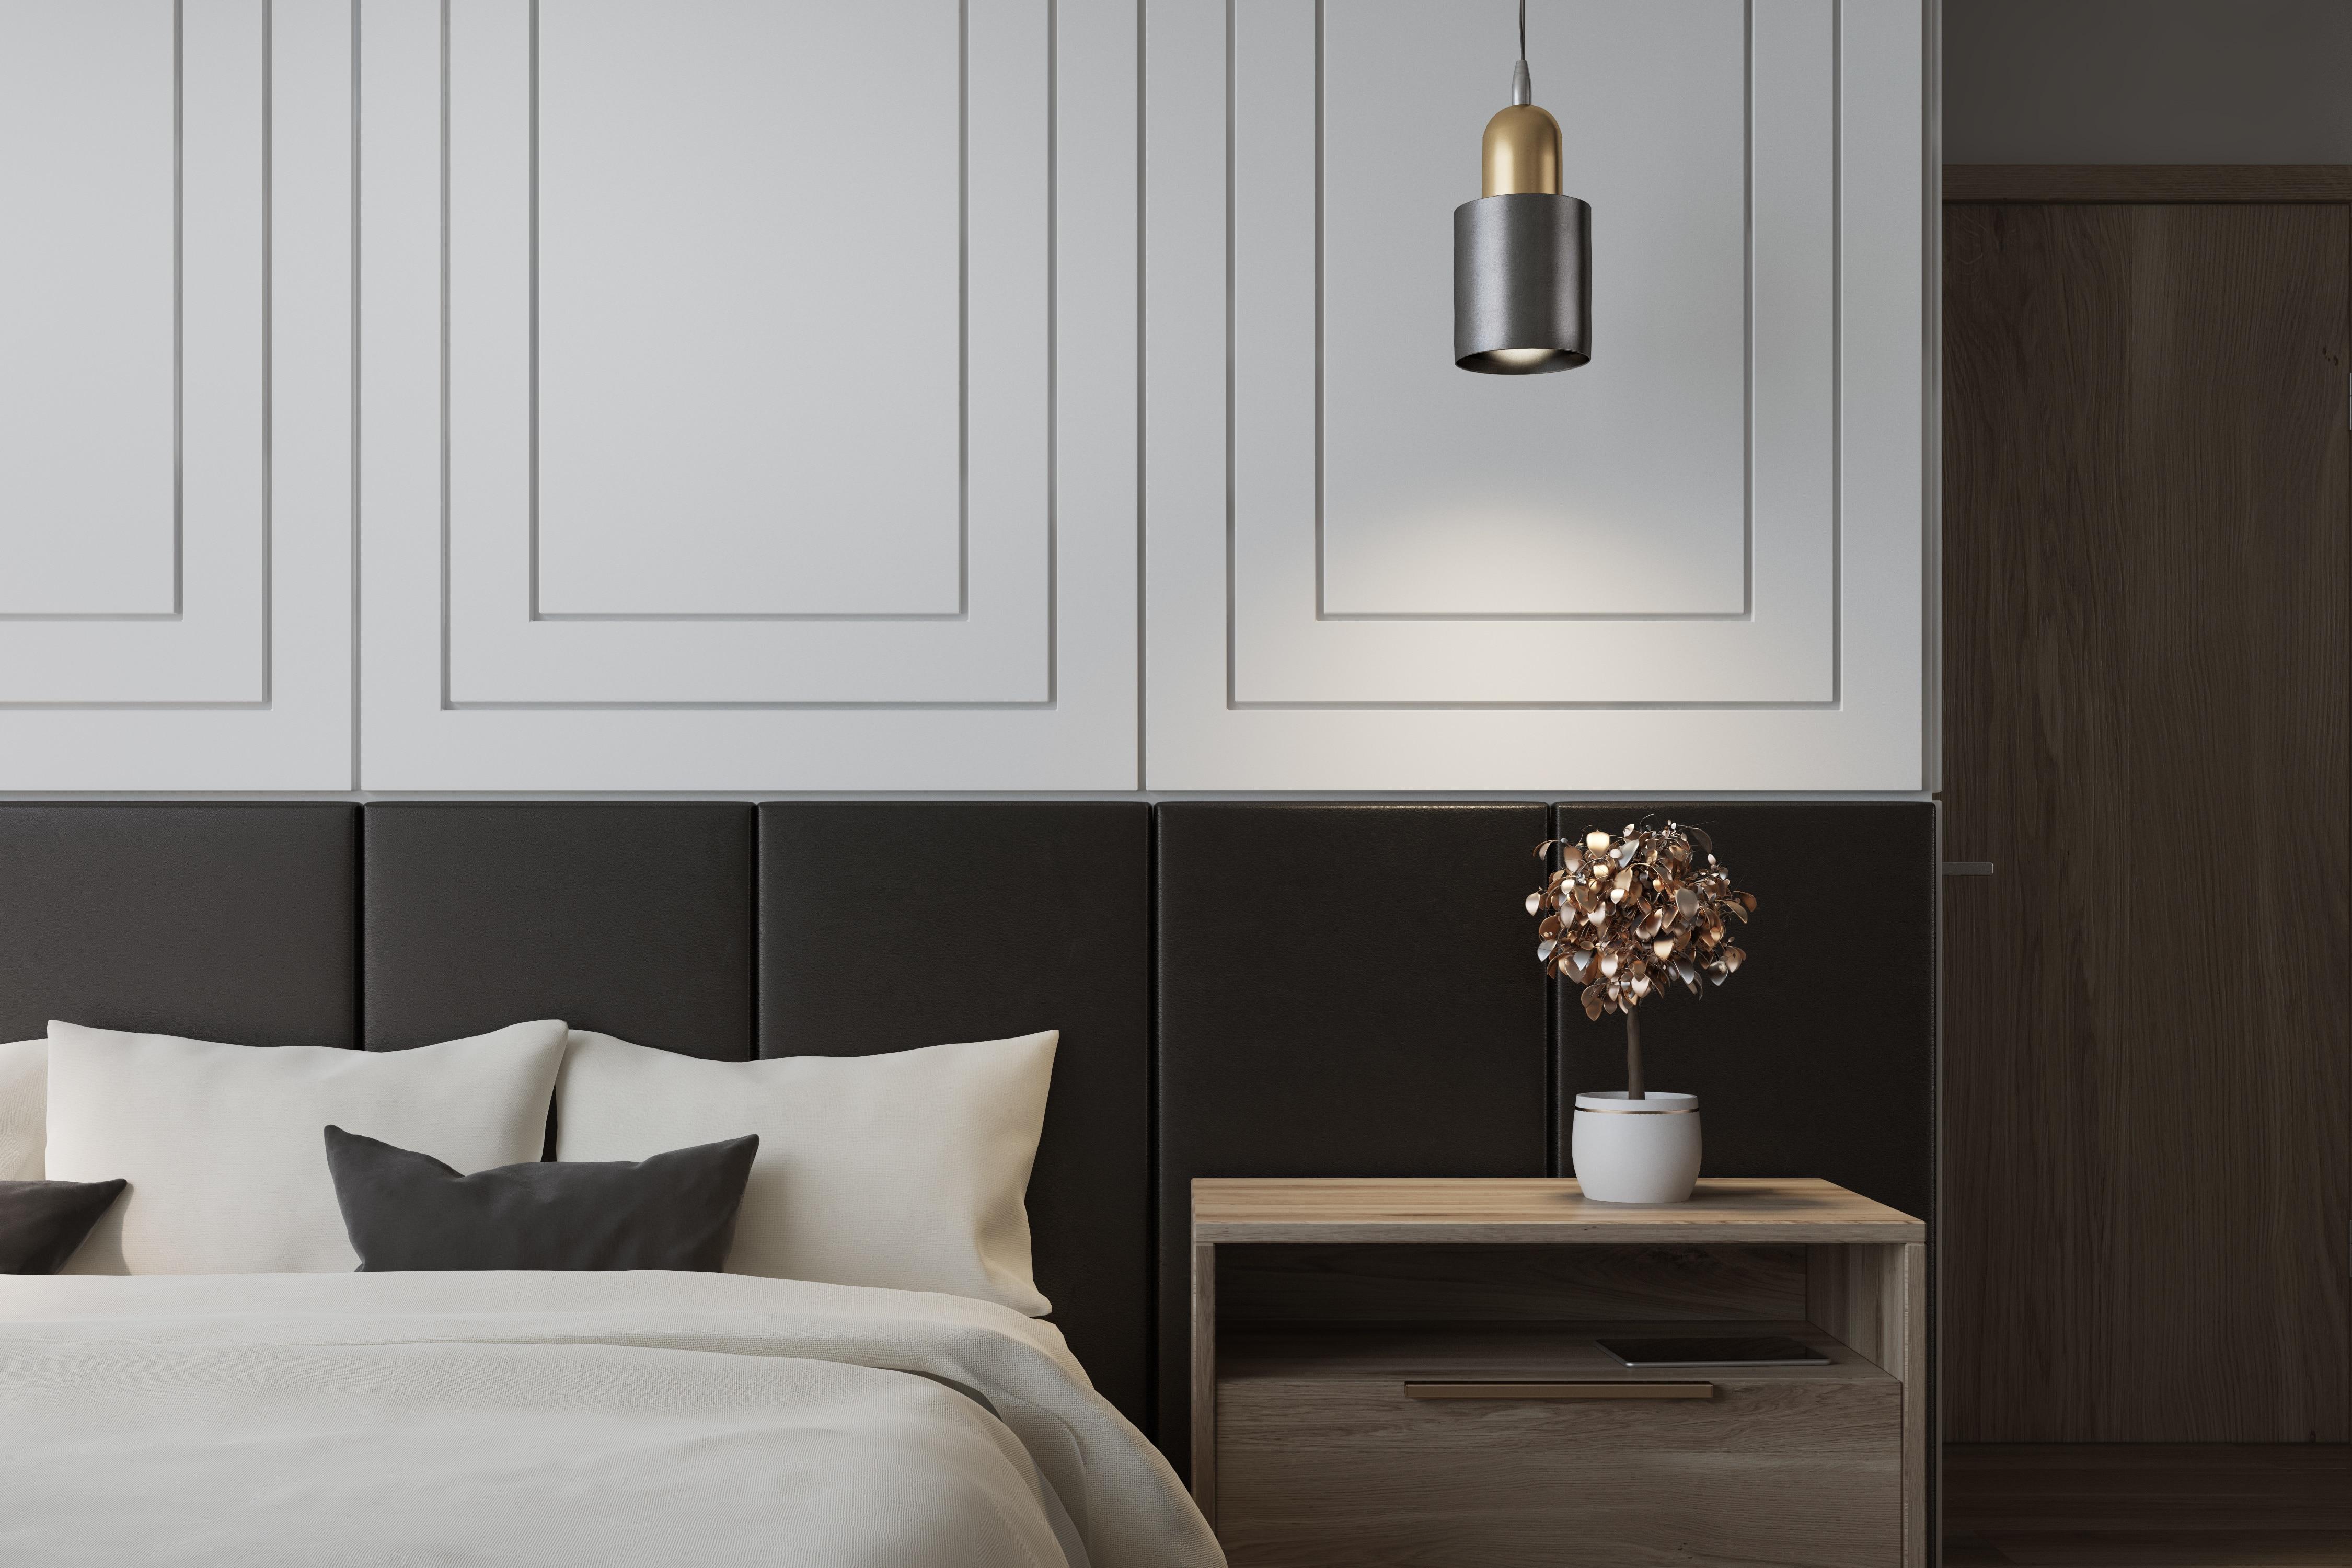 Intérieur d'une chambre blanche avec lit double, draps blancs et table de chevet